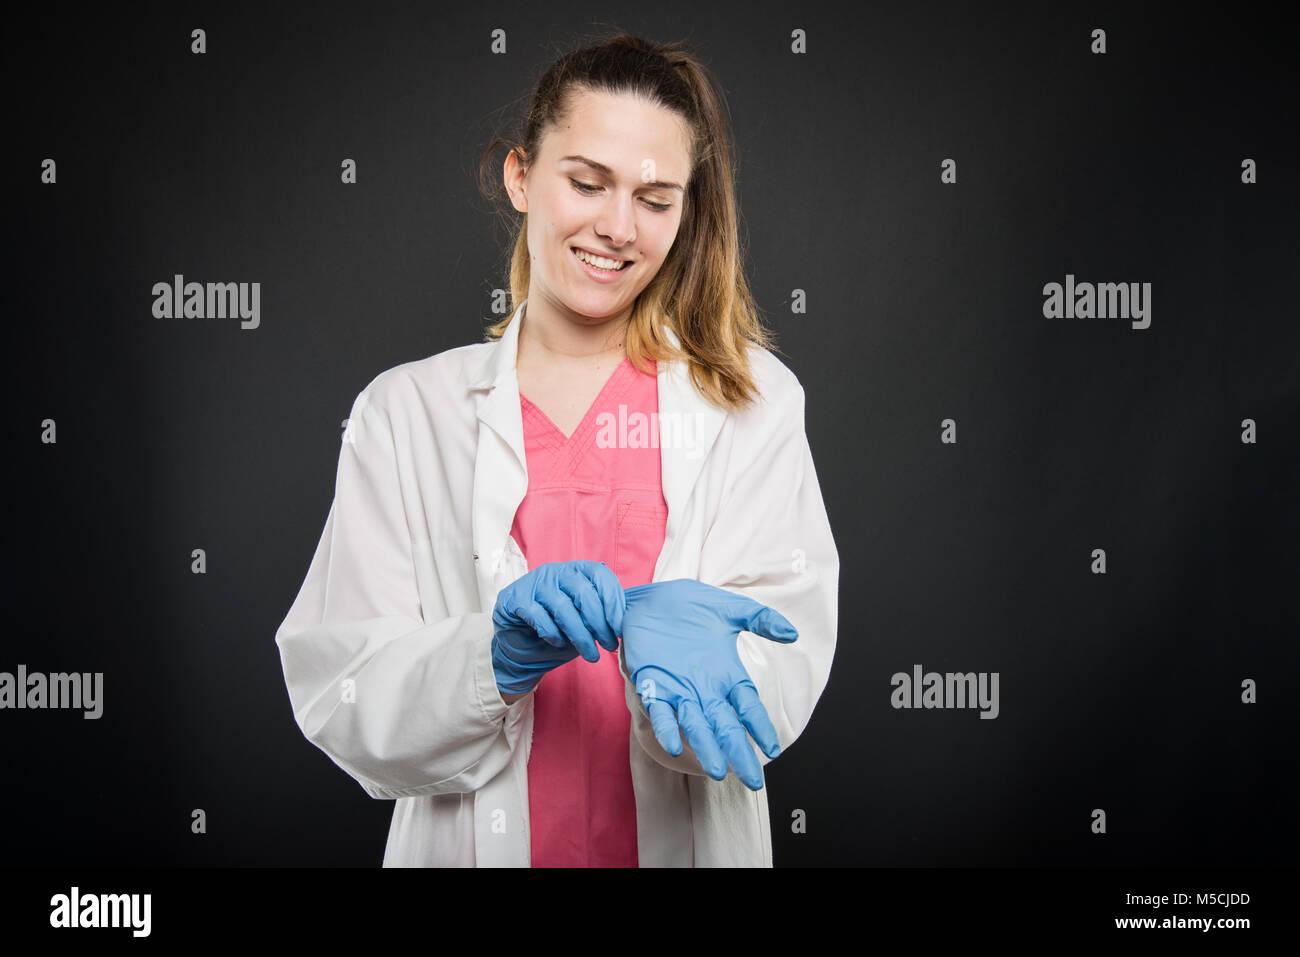 Giovani donne medico ritratto prendendo i suoi guanti sterili su sfondo nero con copyspace area pubblicitaria Foto Stock